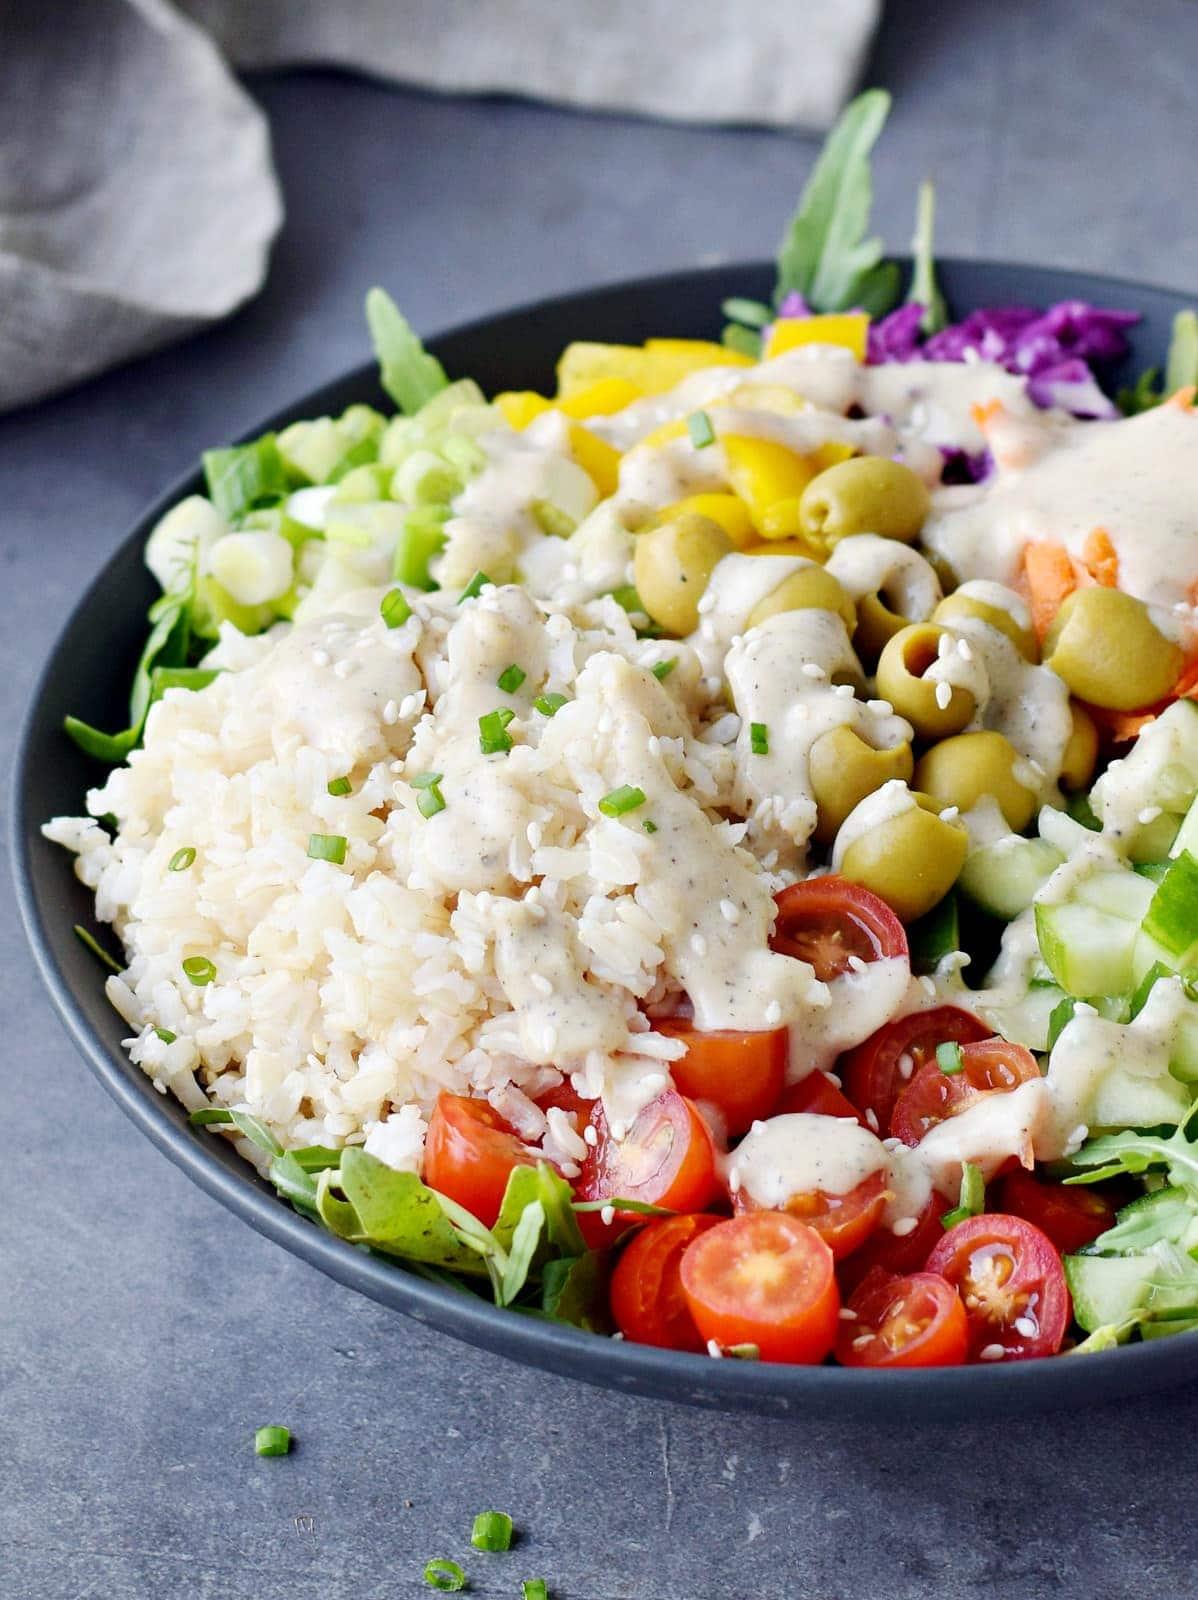 Nahaufnahme einer vegetarischen Salatschüssel mit cremigem Dressing